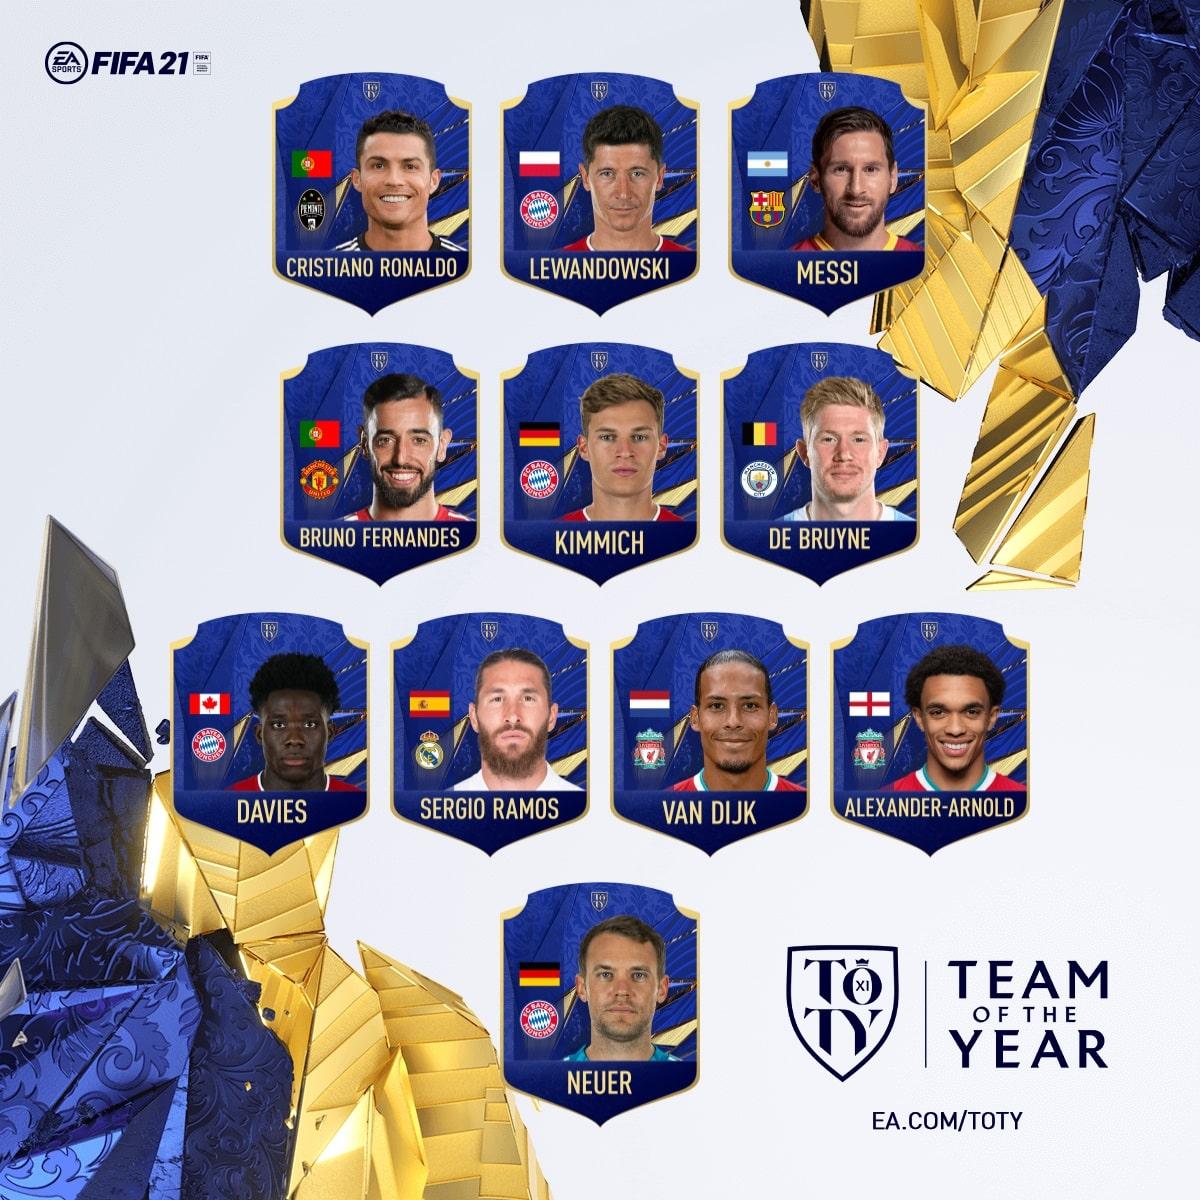 fifa-21-fut-toty-prediction-2021-joueurs-vote-liste